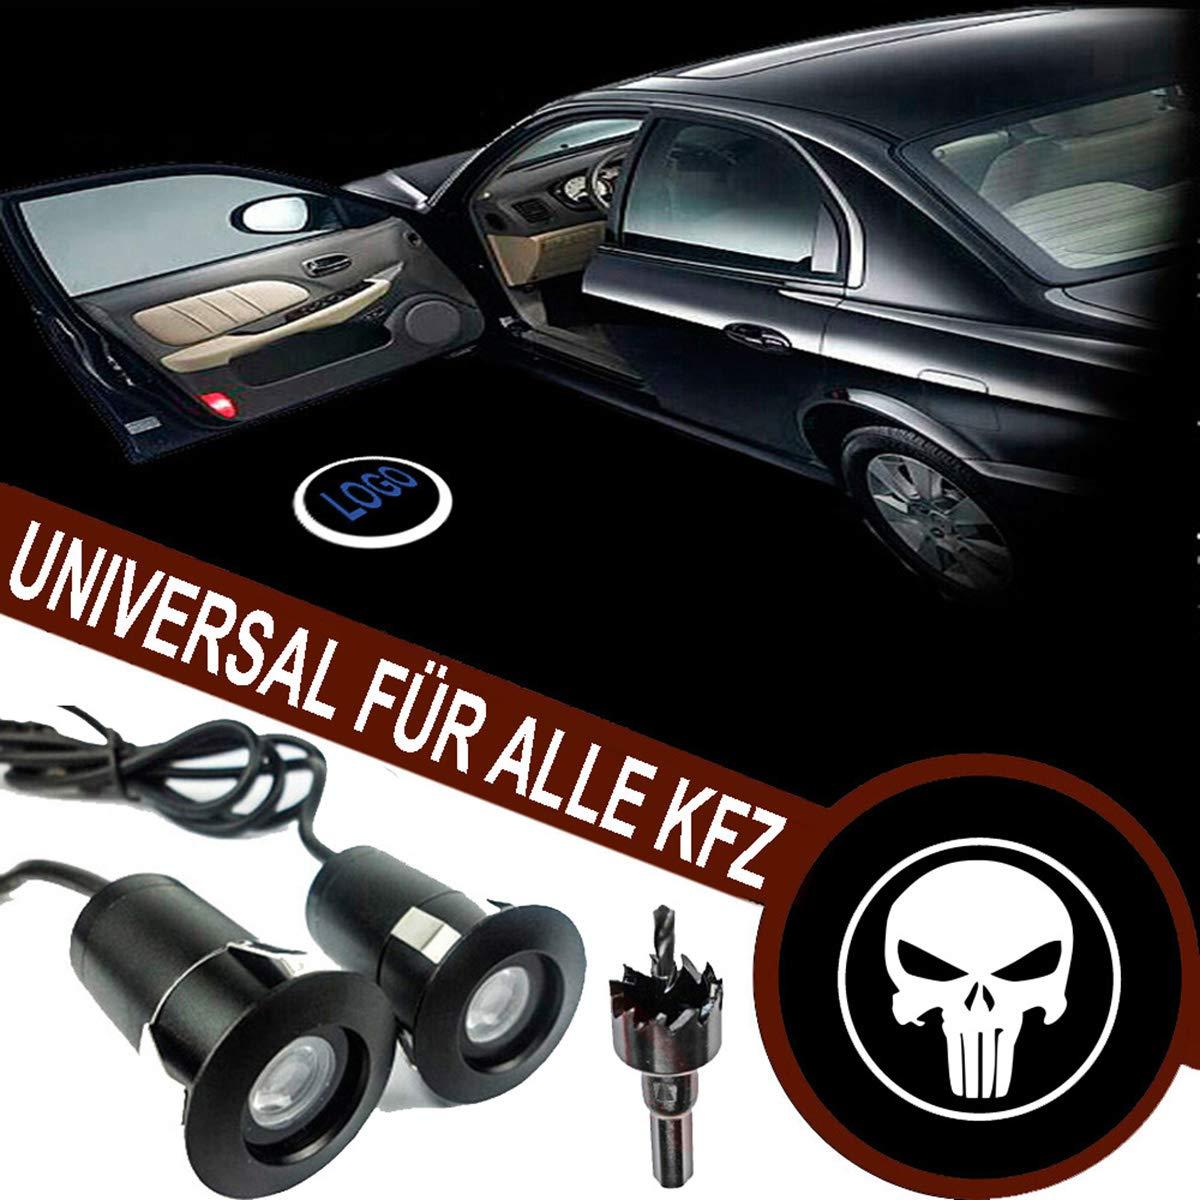 universal for Alle KFZ Geist Schatten Lampe VAWAR Autot/ür Logo Licht 12V LED Projektor 5th Gen Ghost Shadow Willkommen Einstiegsbeleuchtung